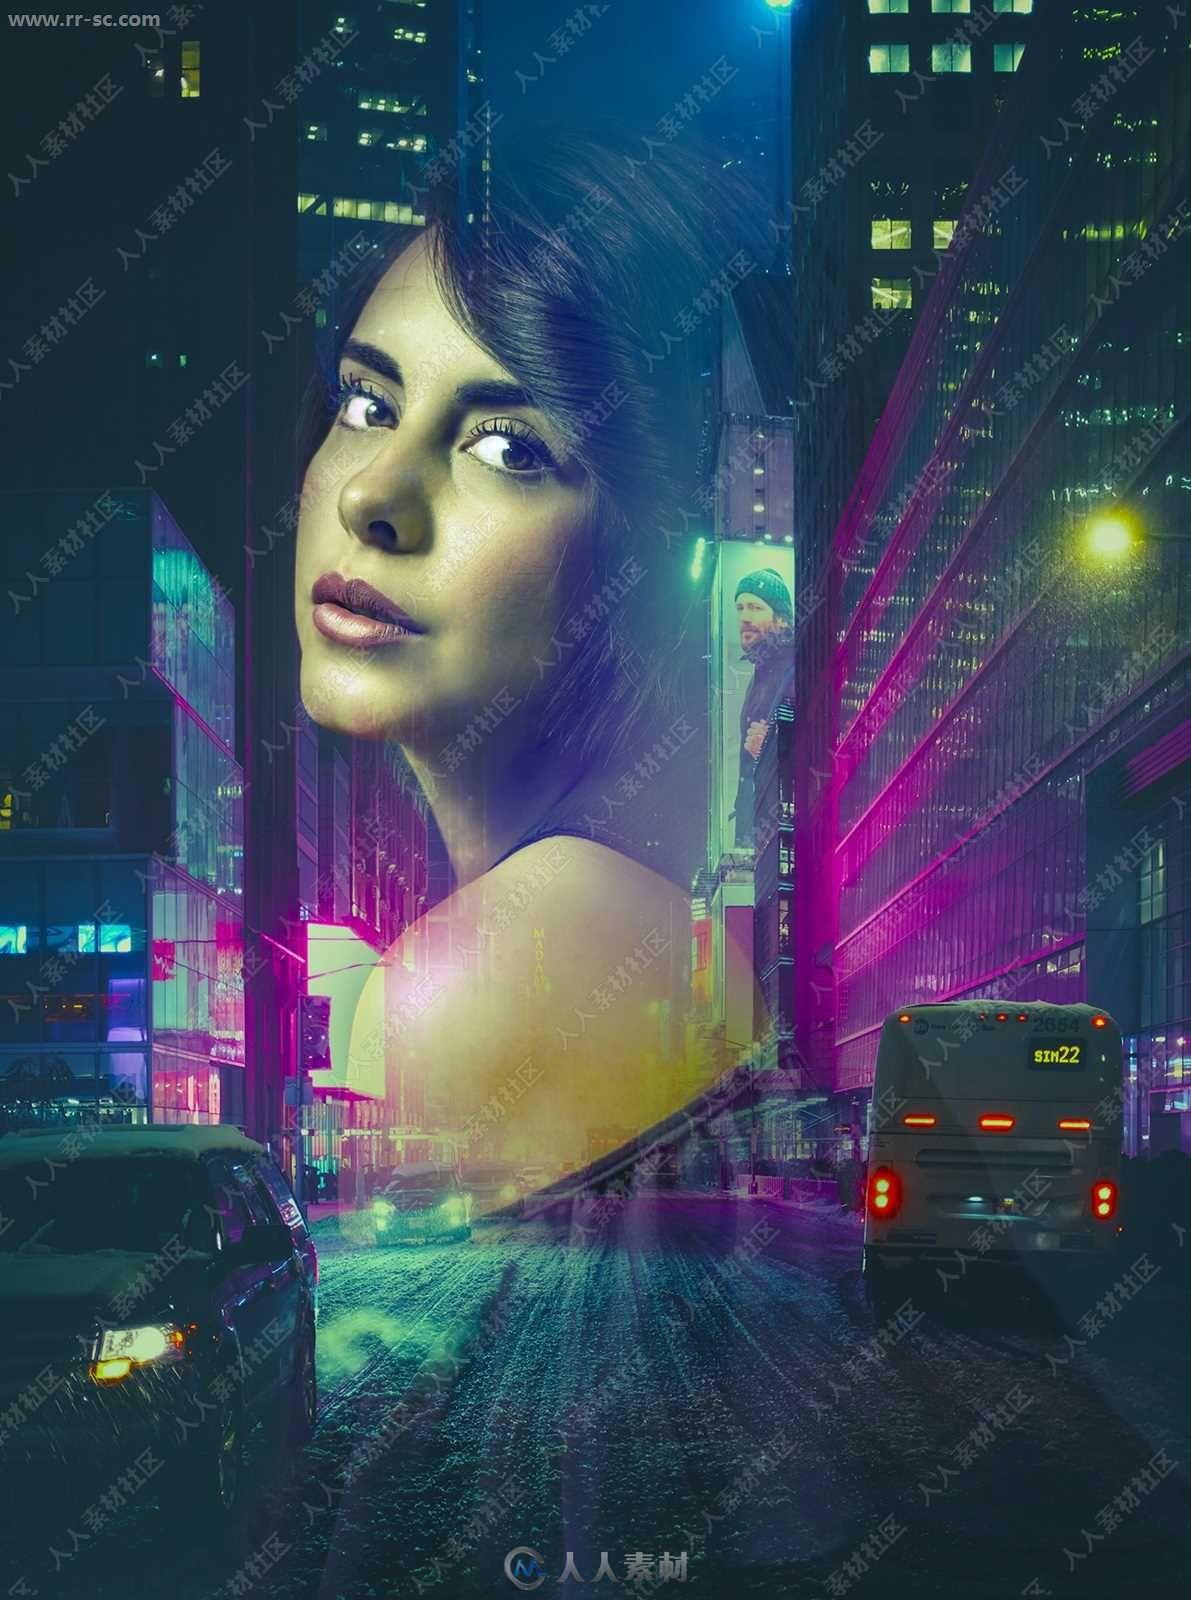 城市夜景人像双重曝光艺术特效PS动作